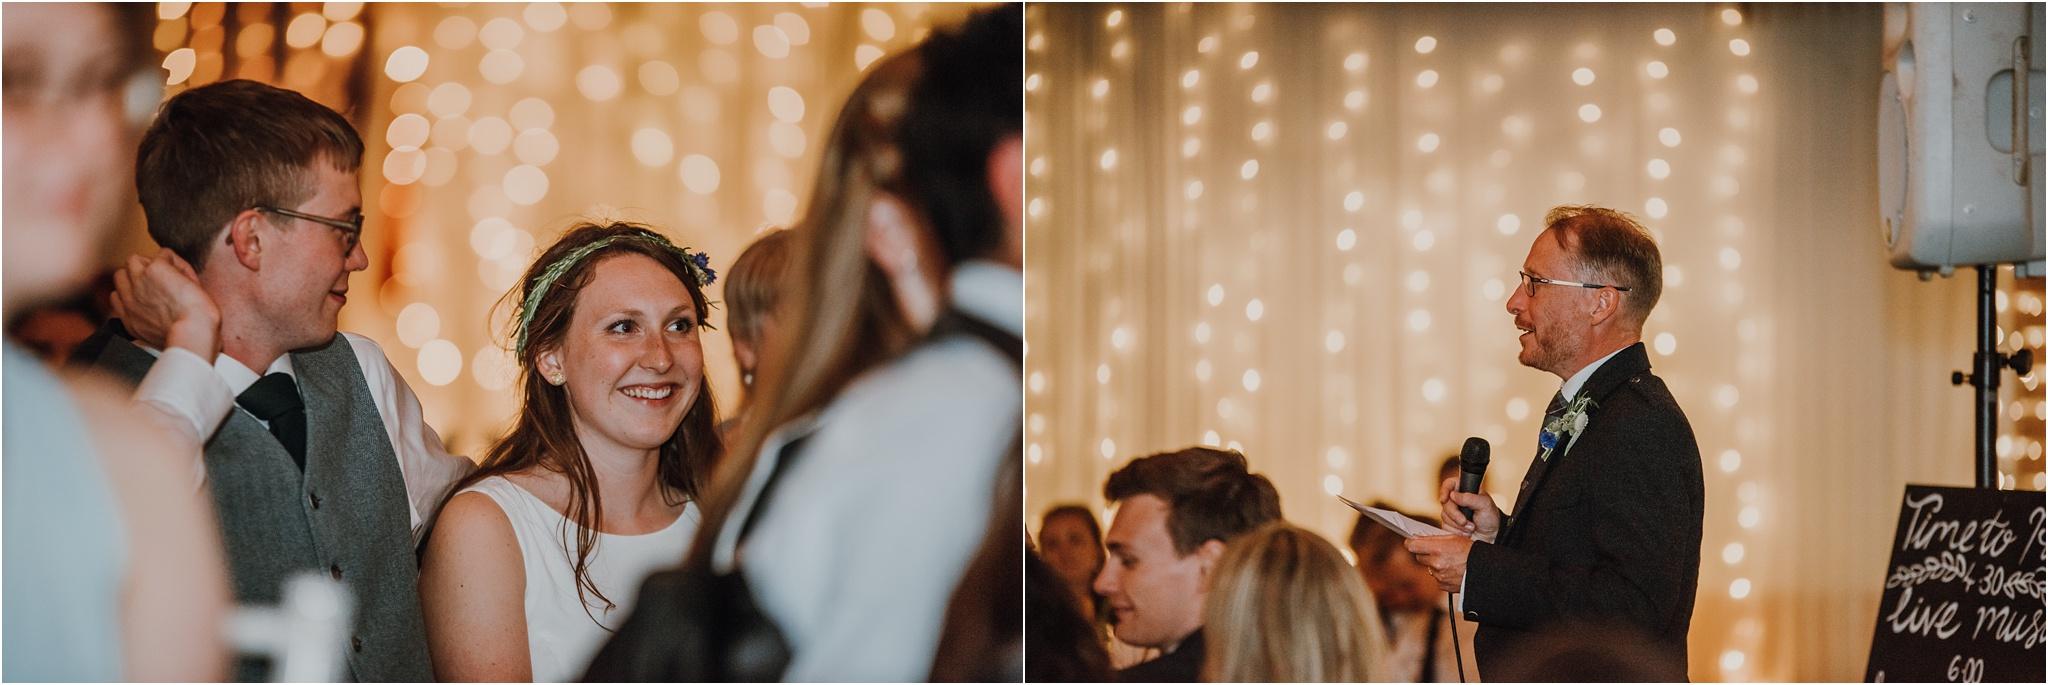 Edinburgh-barn-wedding-photographer_101.jpg